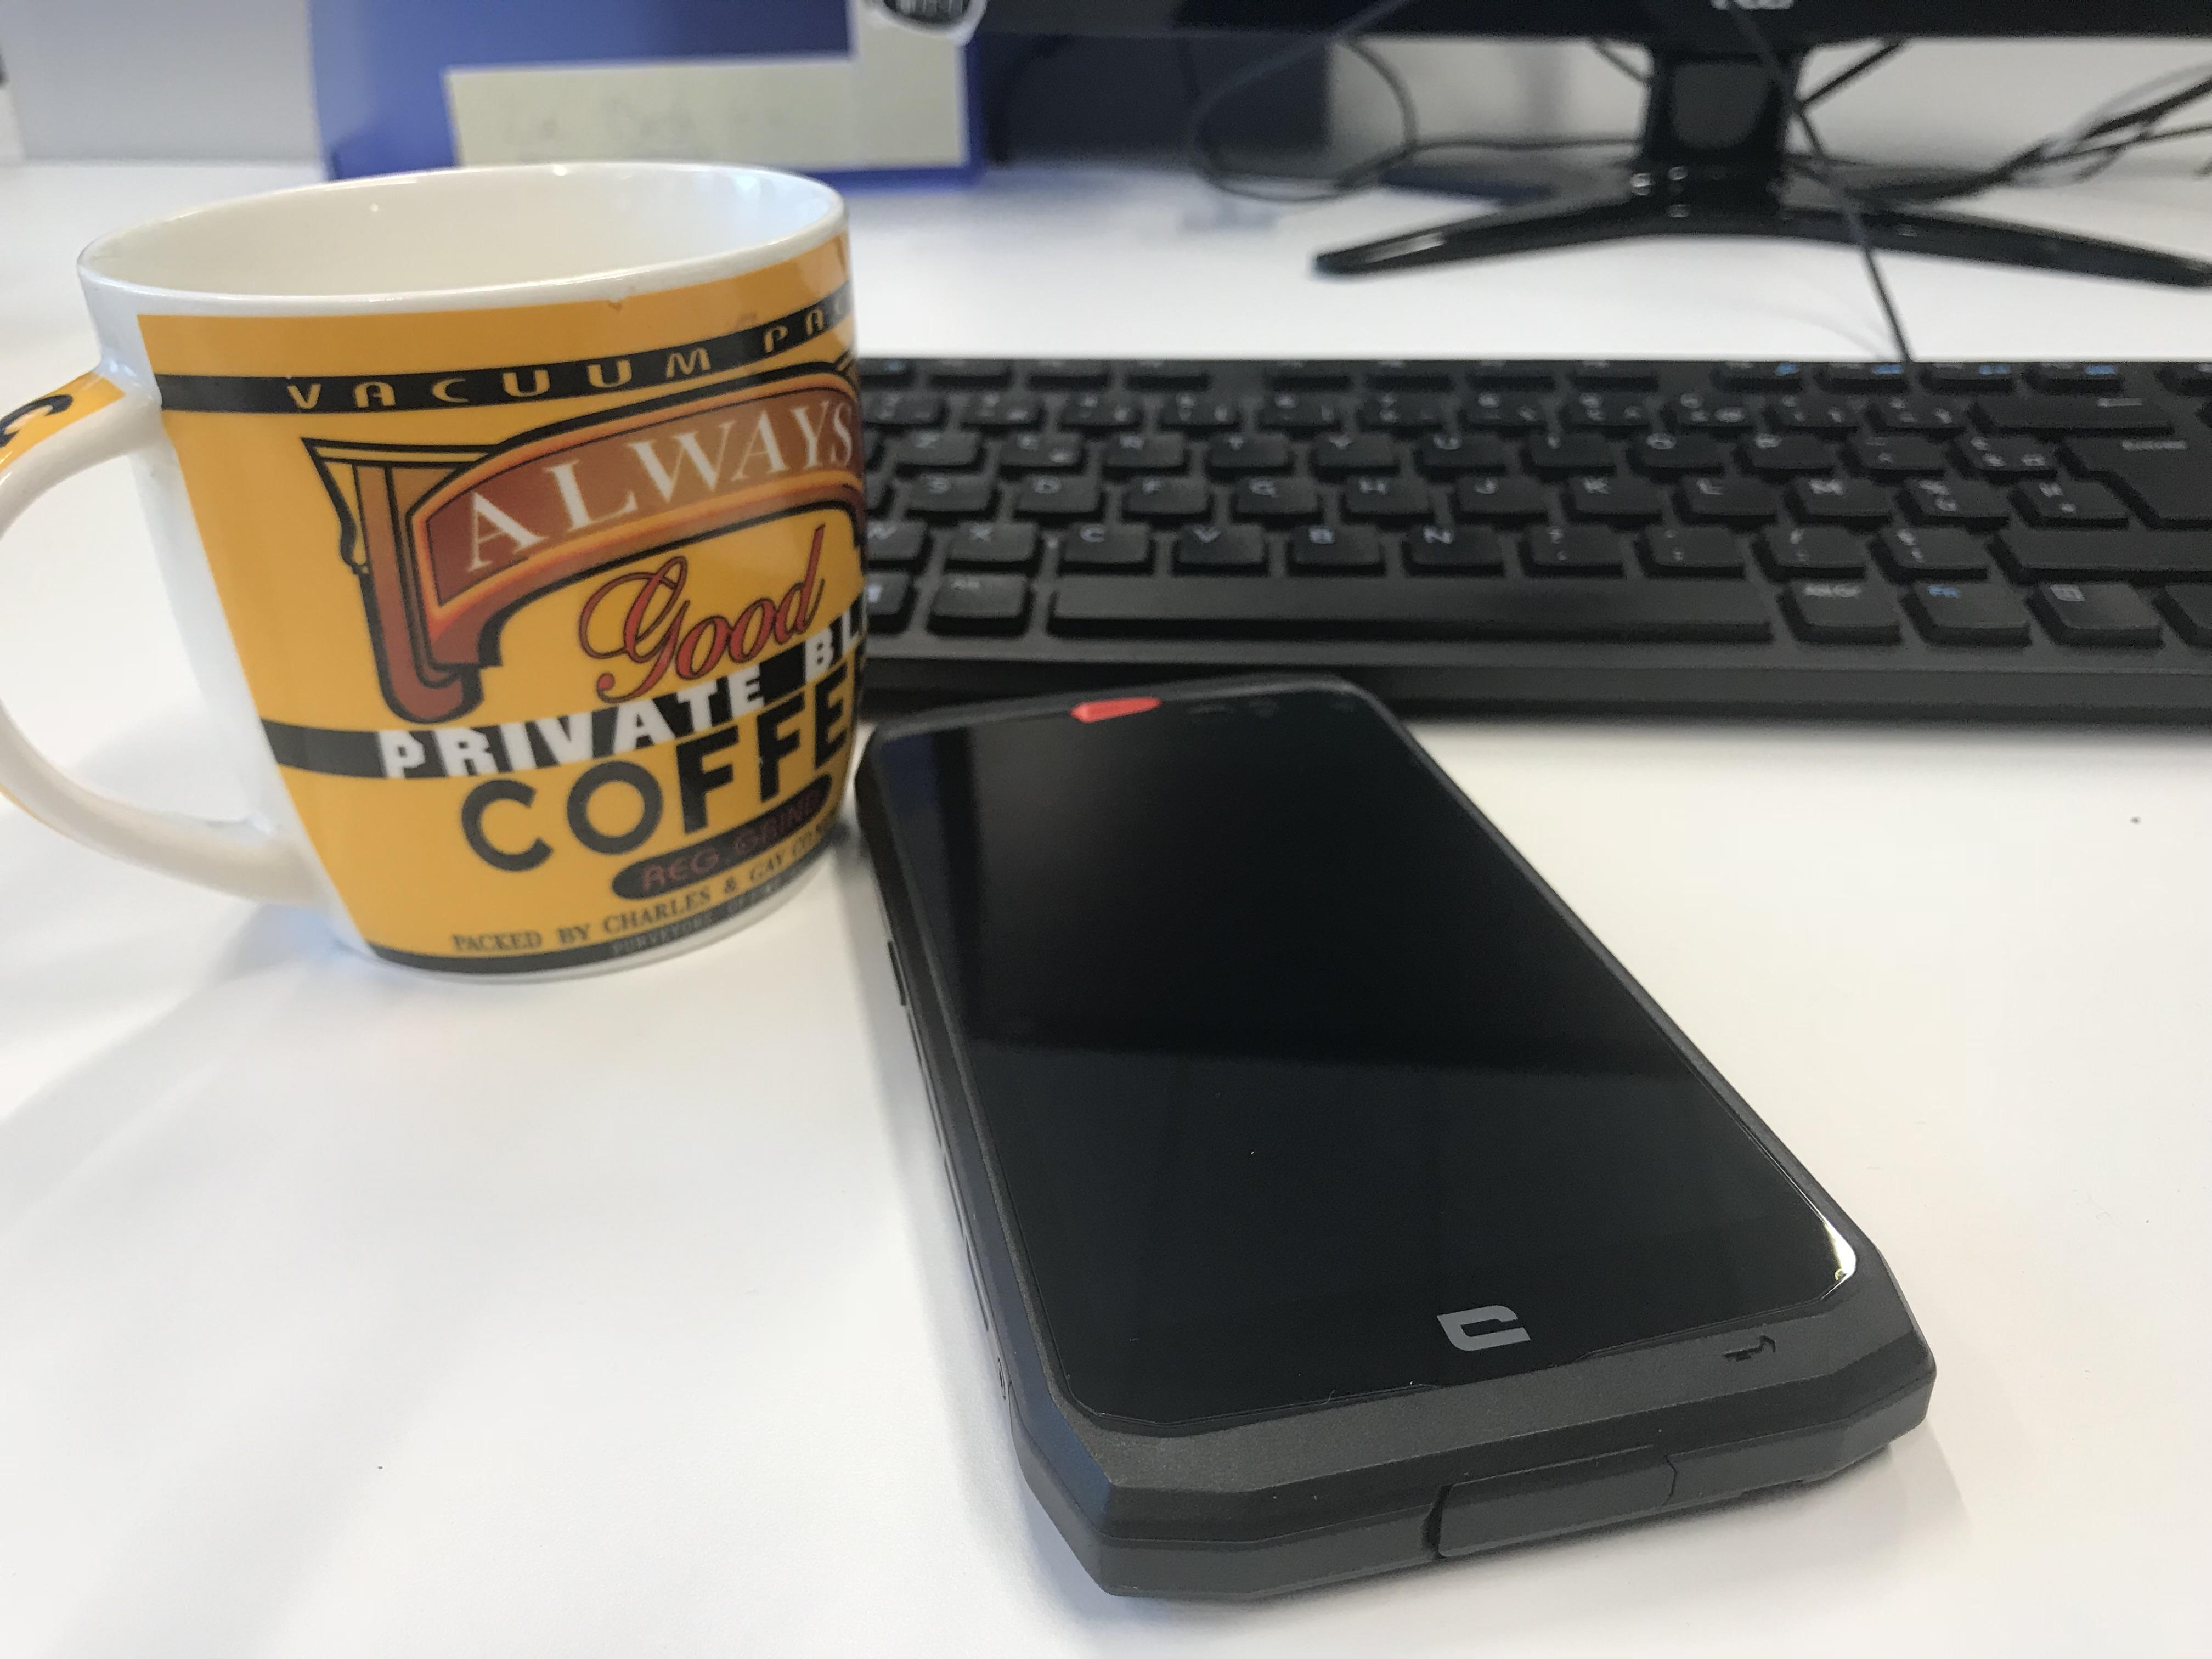 IMG 1250 - [Prise en main] Crosscall Action-X3 : un smartphone outdoor milieu de gamme particulièrement pratique